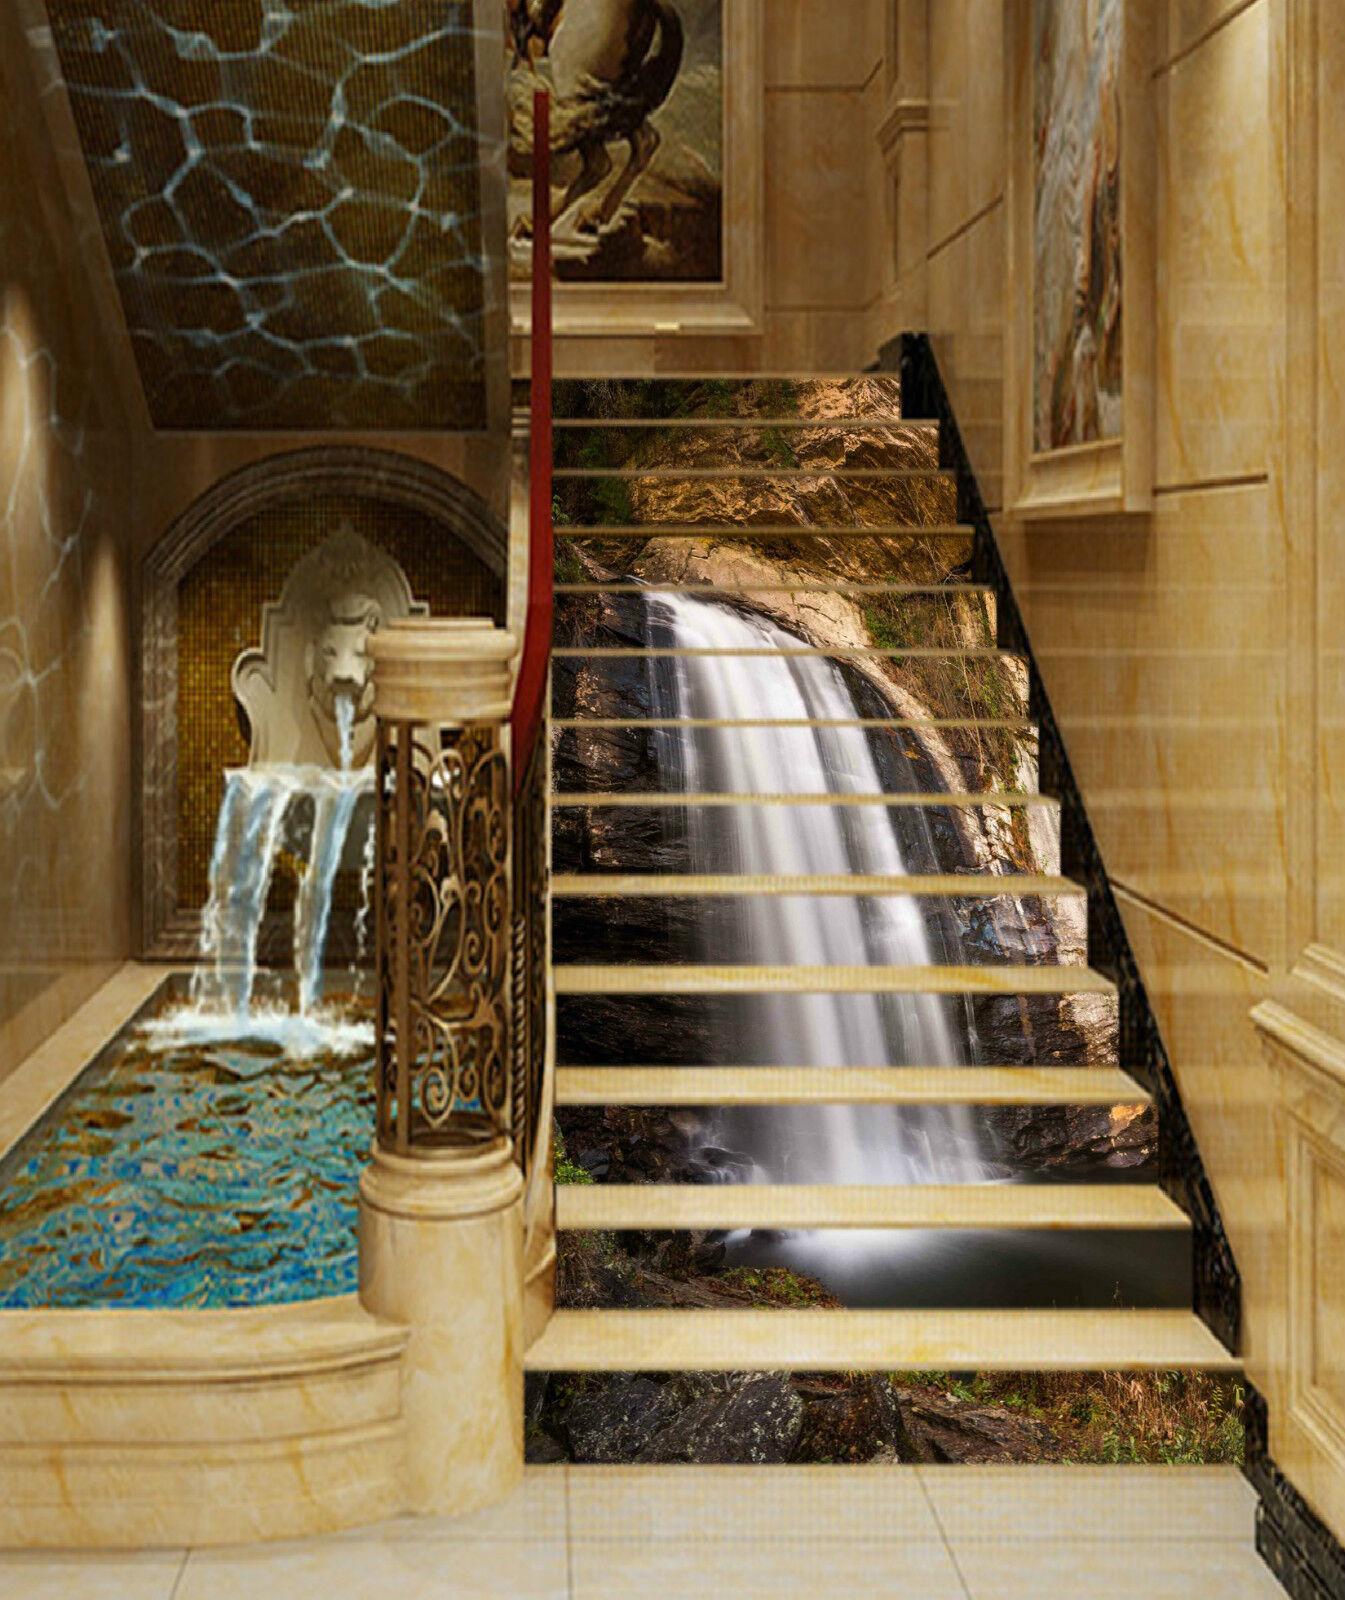 3d cascada 0049 Stair Risers decoración mural mural mural vinyl sticker de papel pintado 6a5054